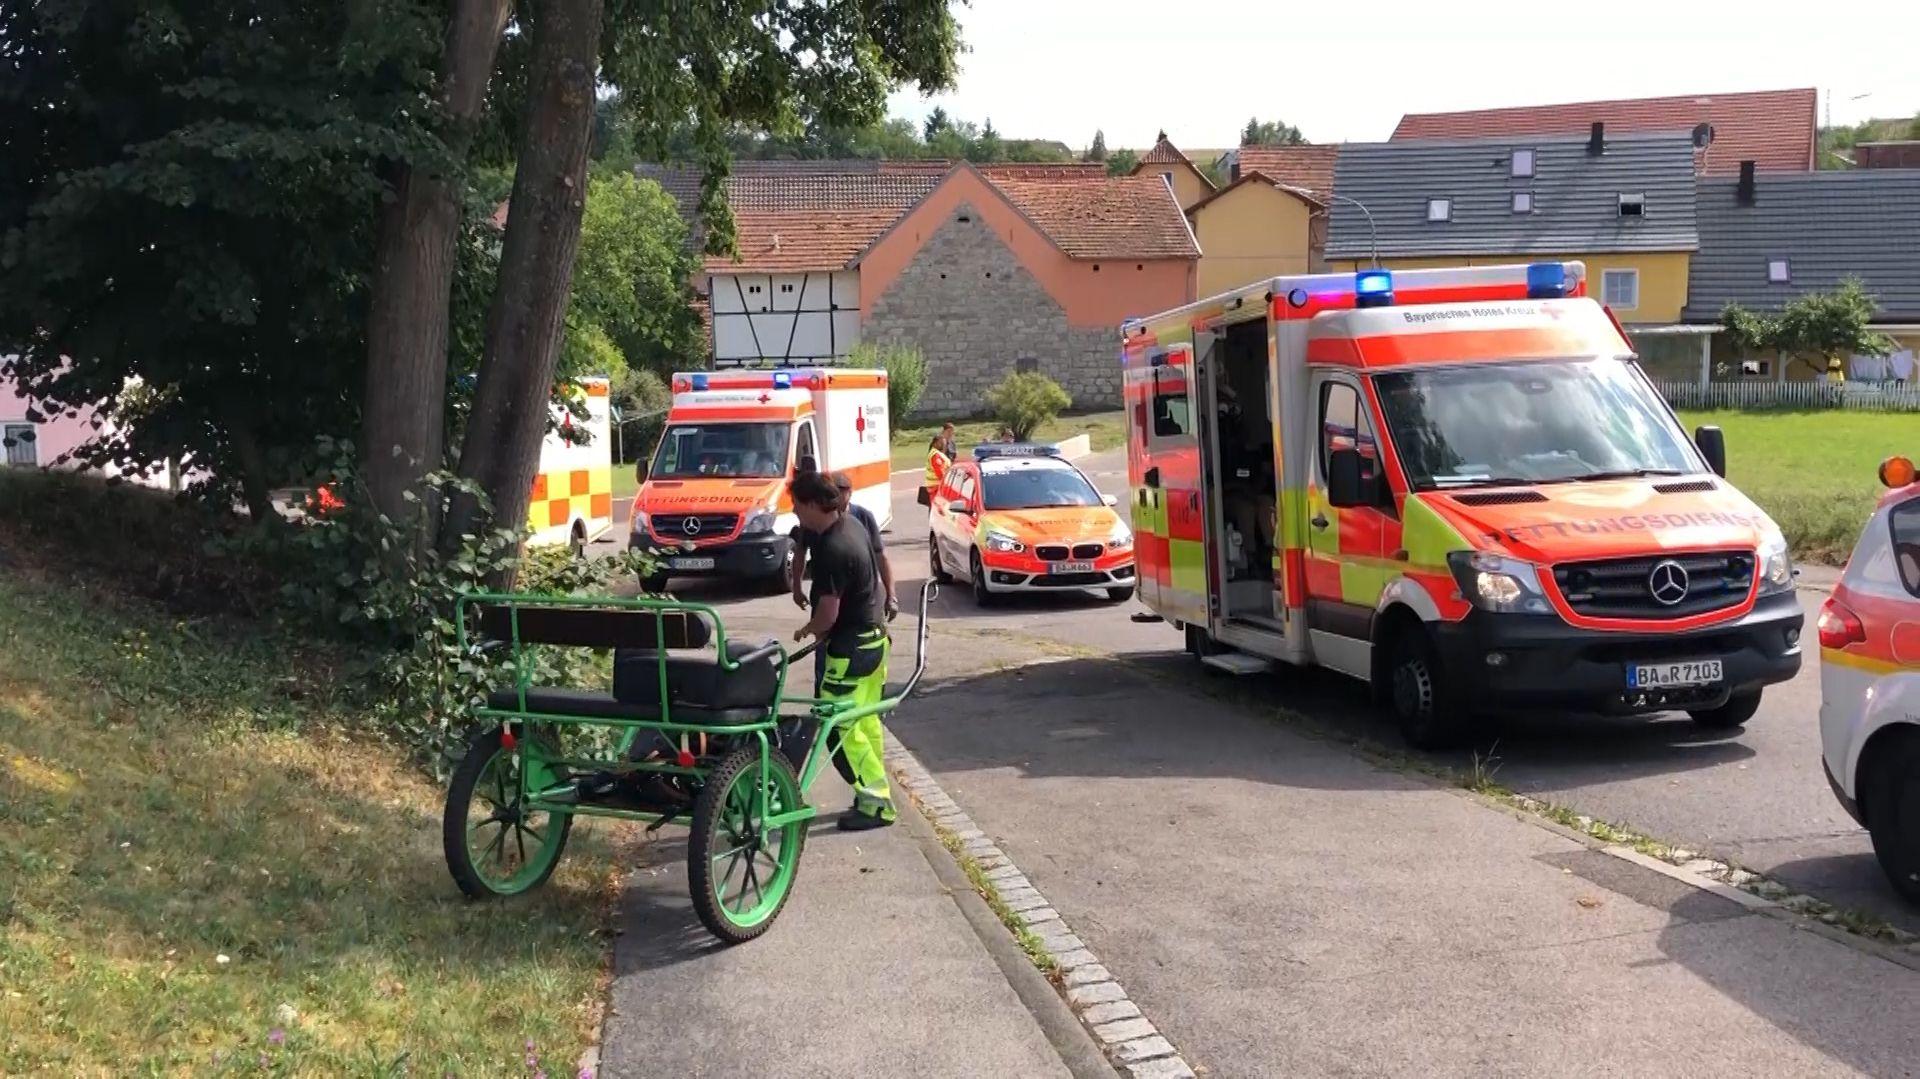 Kutschunfall in Weisbrunn